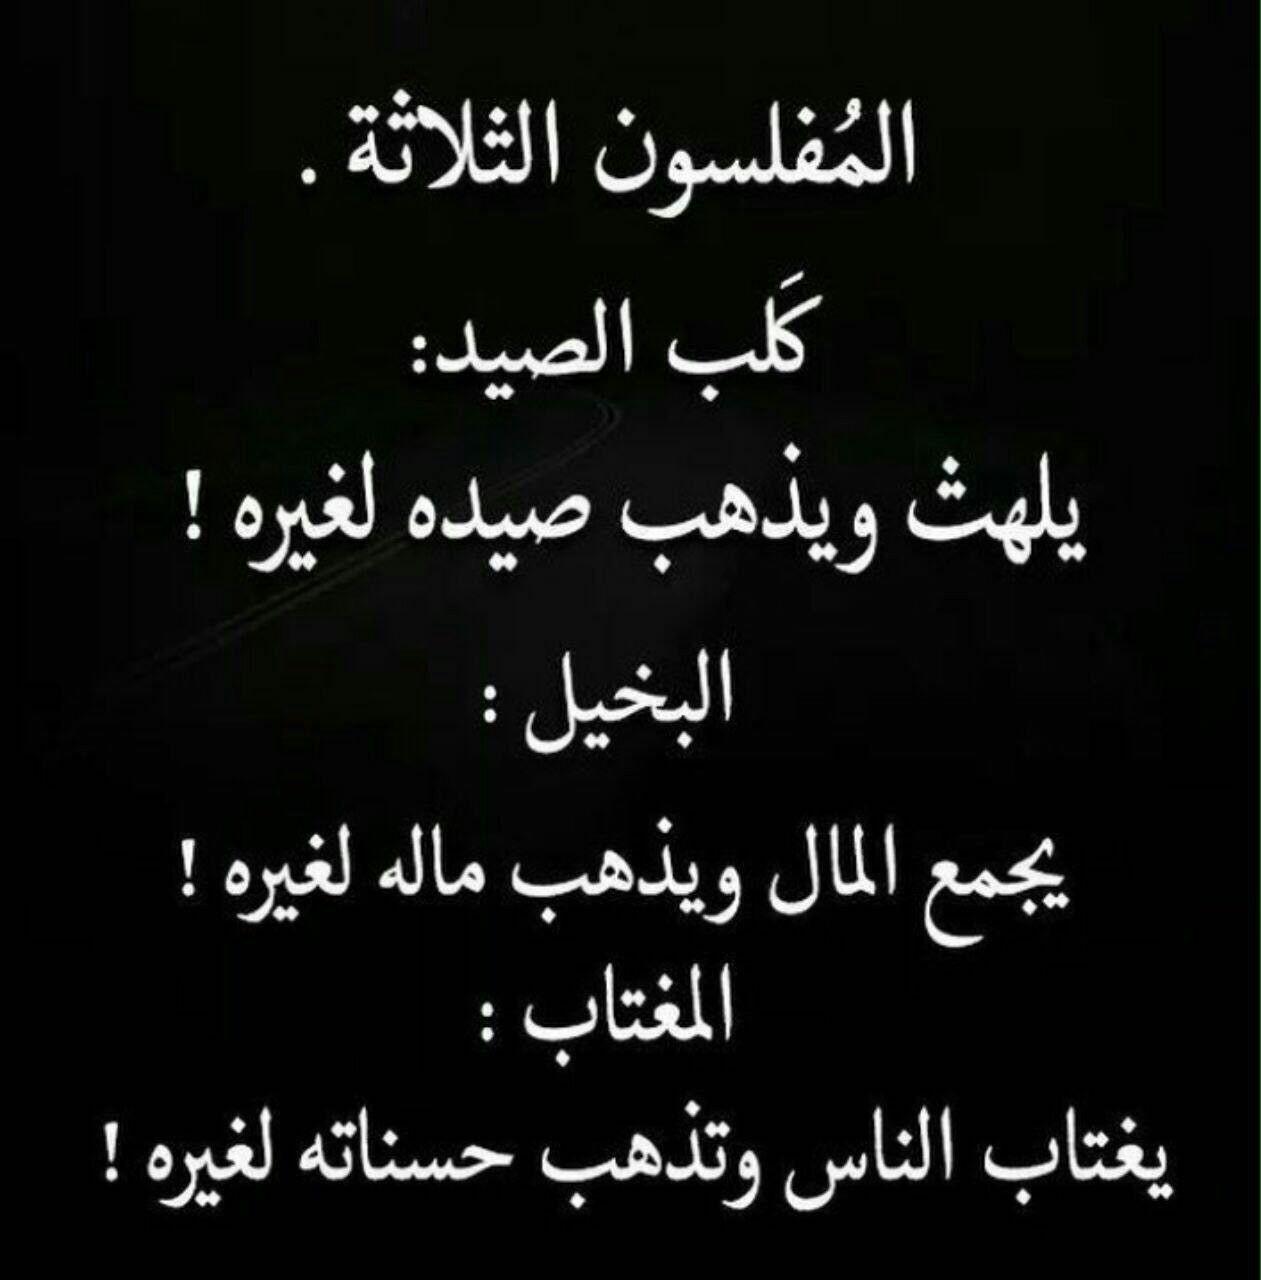 اللهم إني أعوذ بك من الهم و الحزن أذكار الصباح و المساء Instagram Instagram Photo Photo And Video